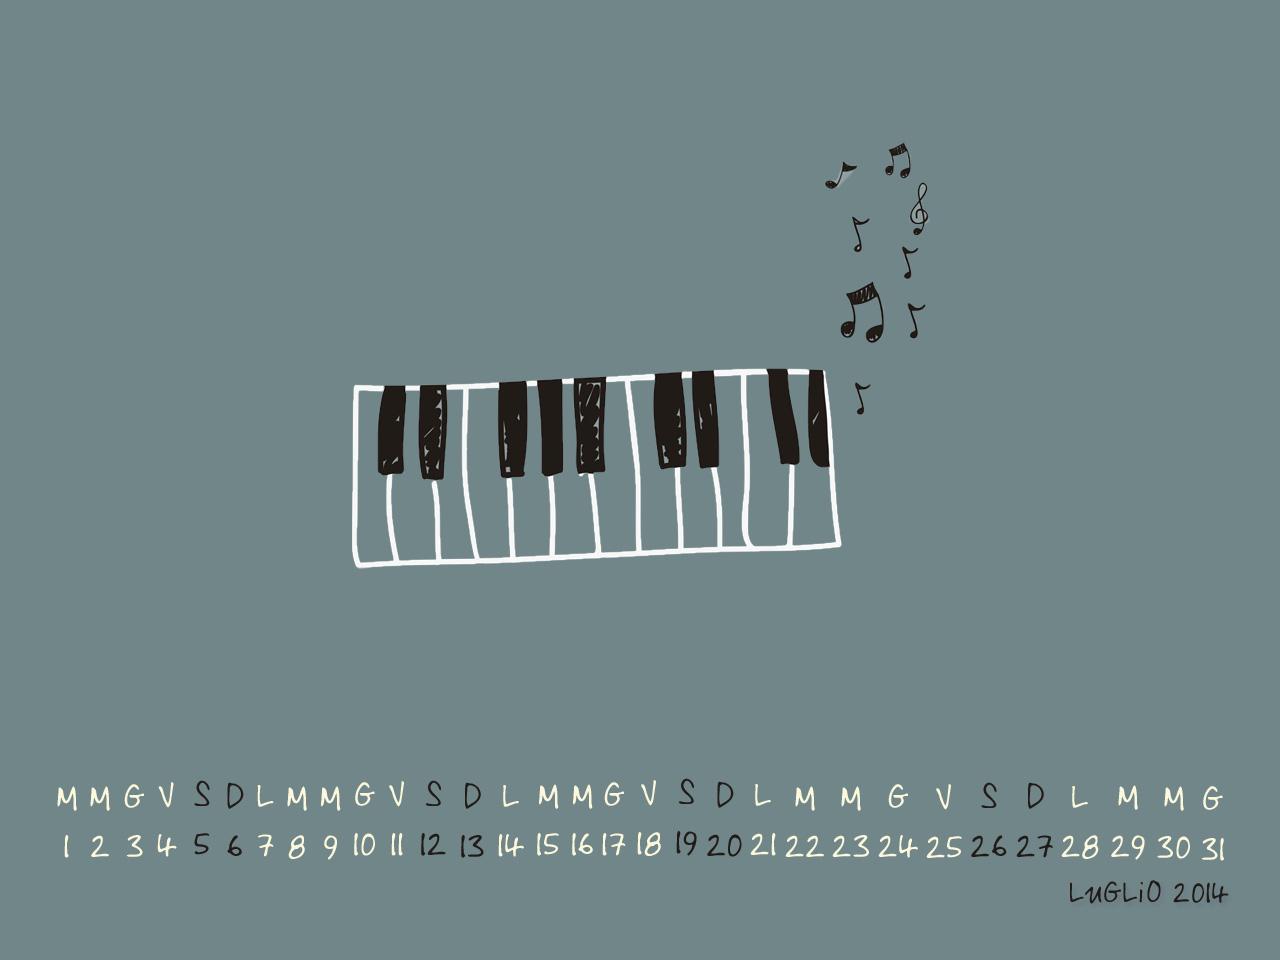 Wallpaper luglio 2014 - Musica